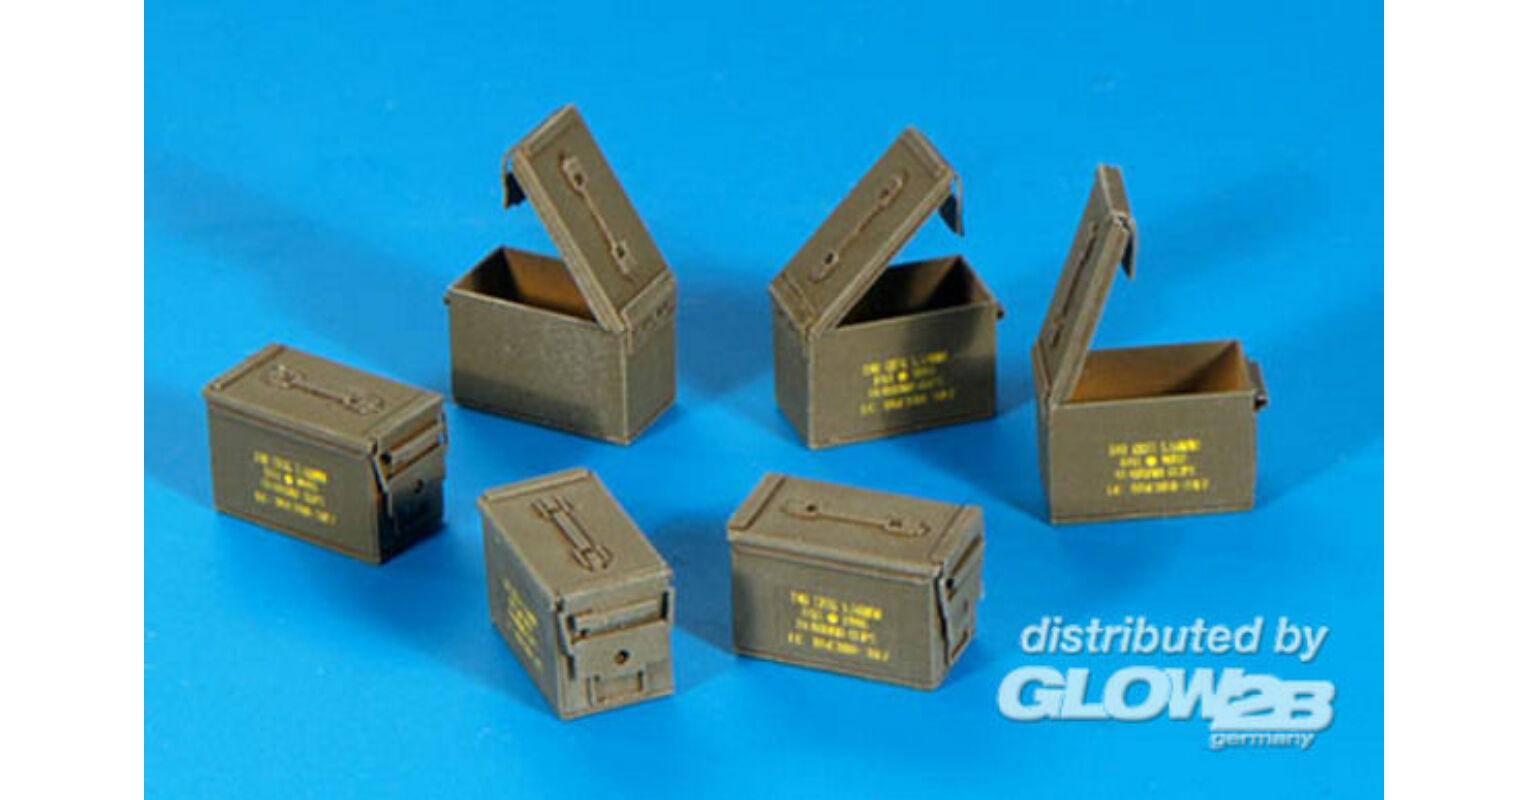 Plus model 333 Metallnetz 1,3 x 0,9 mm in 1:35